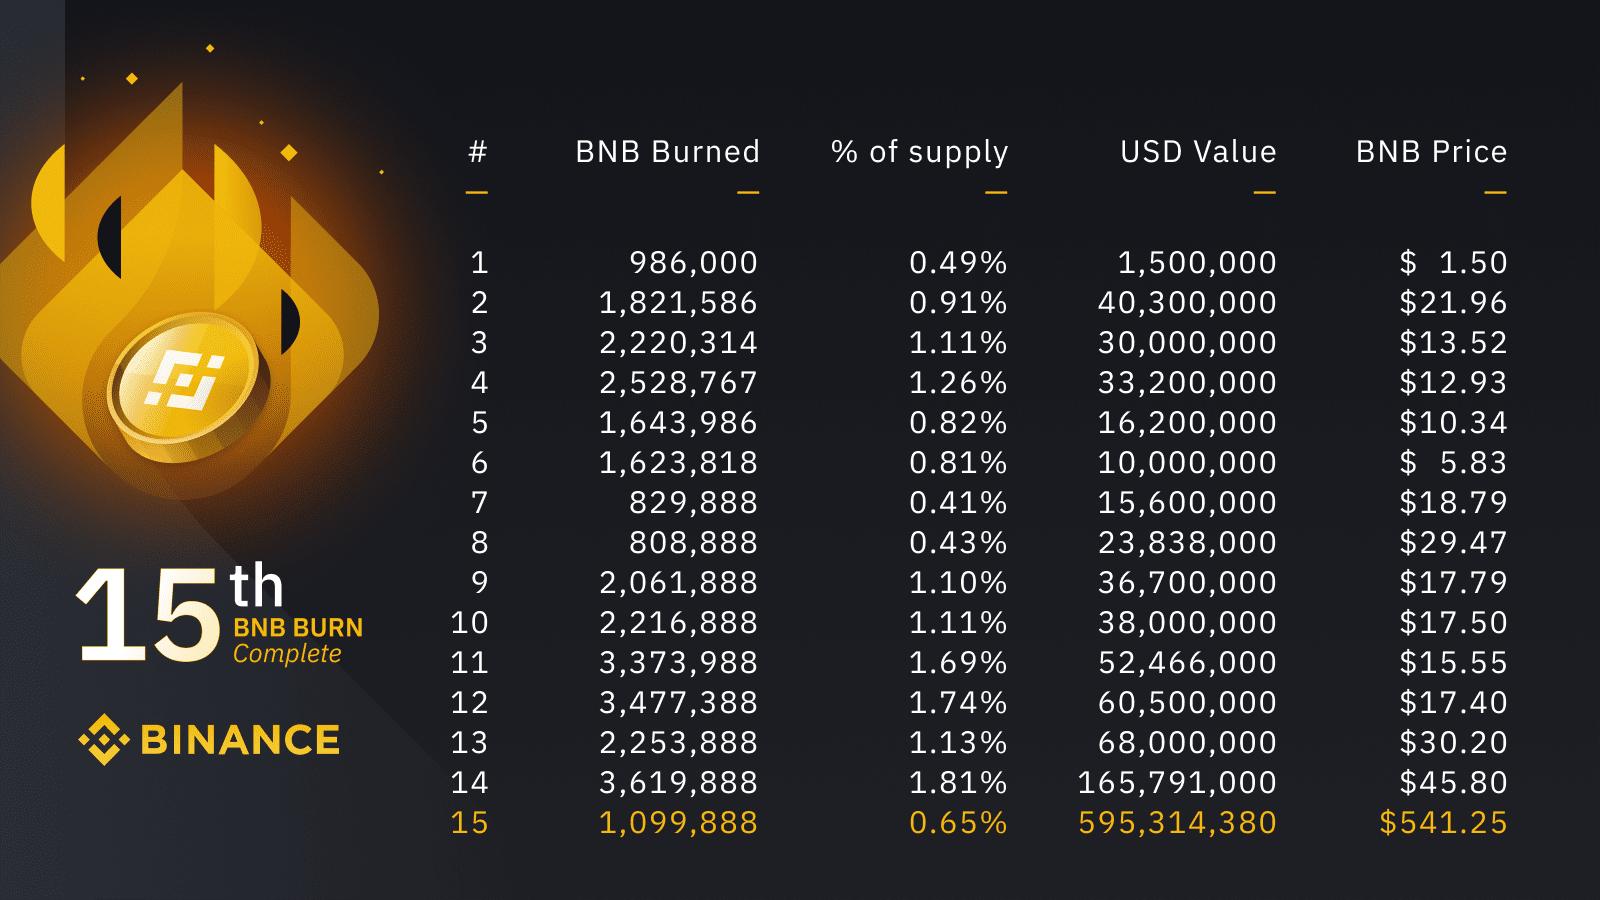 Binance เบิร์นเหรียญ BNB คิดเป็นมูลค่าประมาณ $595 ล้านดอลลาร์สหรัฐ ครั้งใหญ่สุดตั้งแต่เบิร์นเหรียญมา